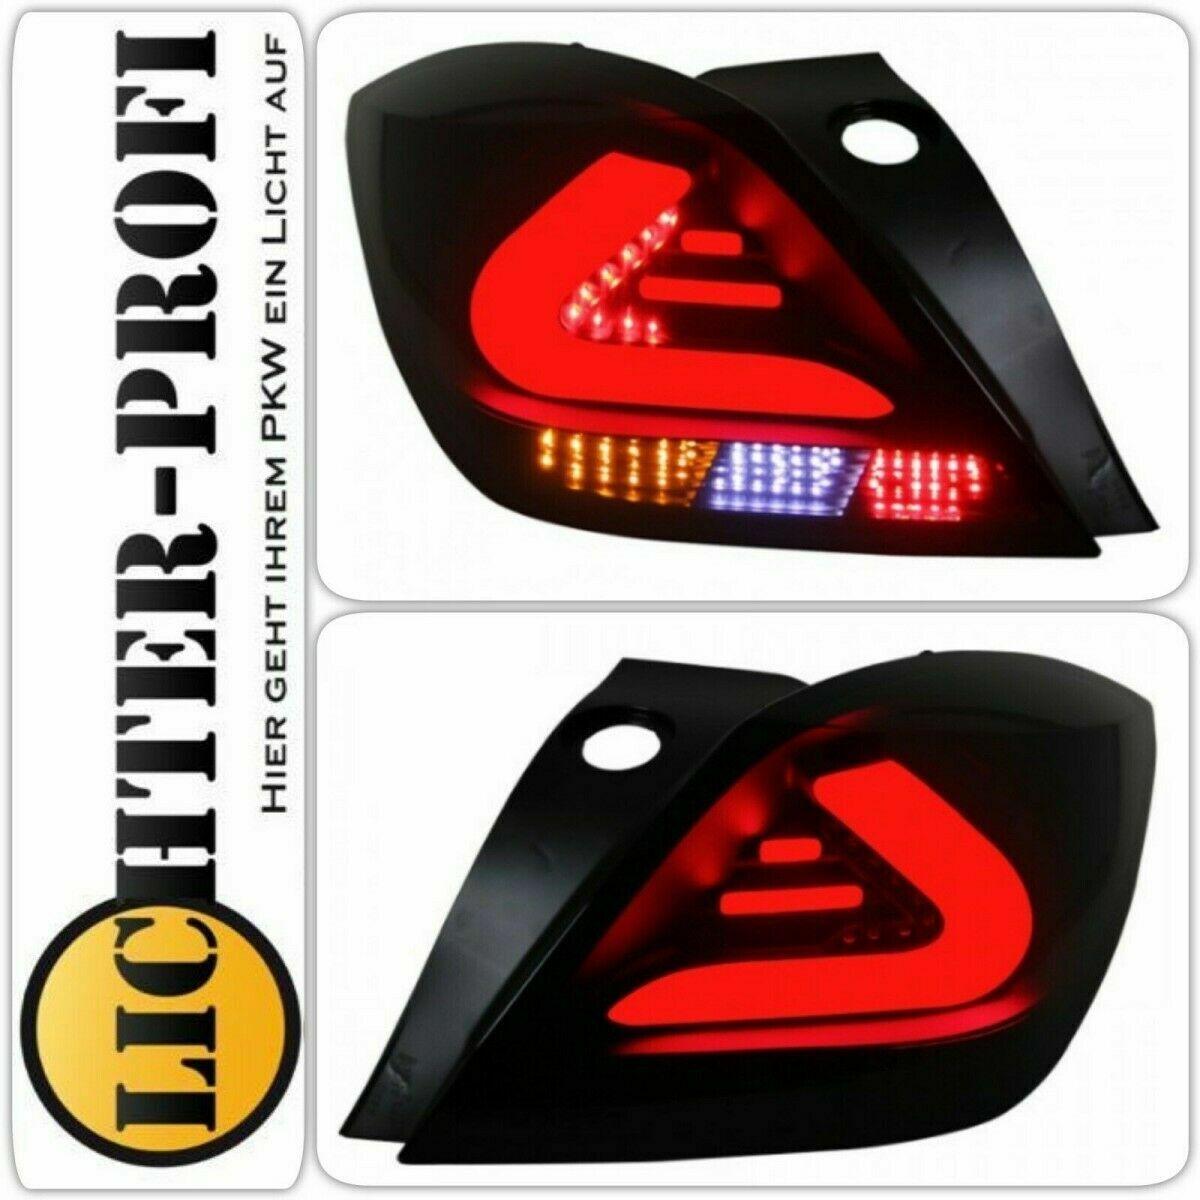 Voll Led Lightbar Rückleuchten Set schwarz für Opel Astra H GTC 3-Türer BJ 05-10